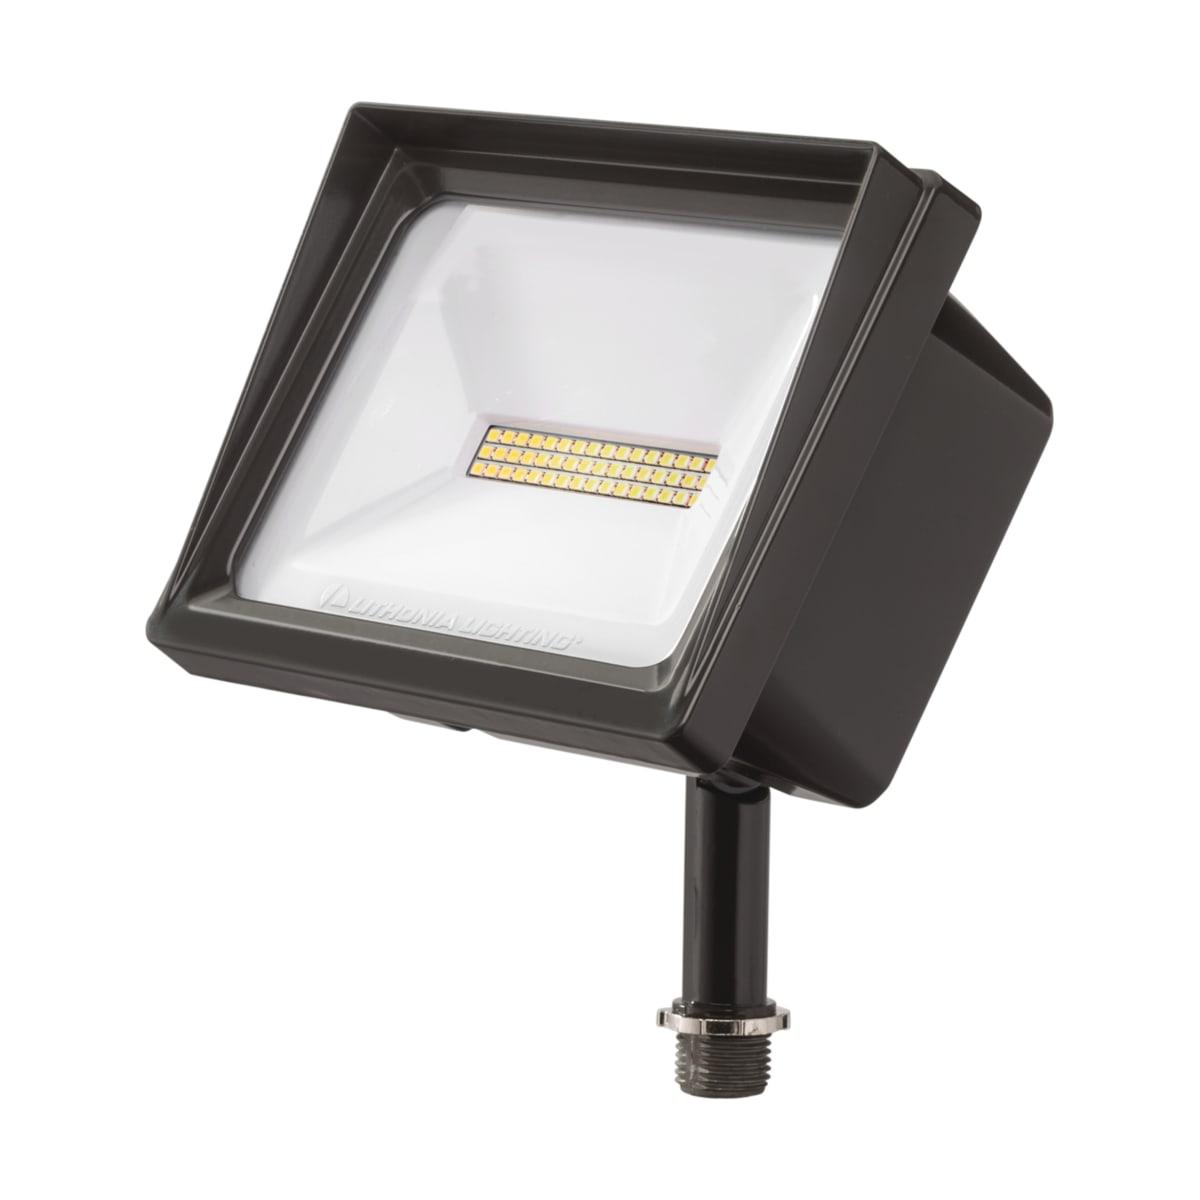 Lithonia Lighting QTE LED P3 120 THK M6